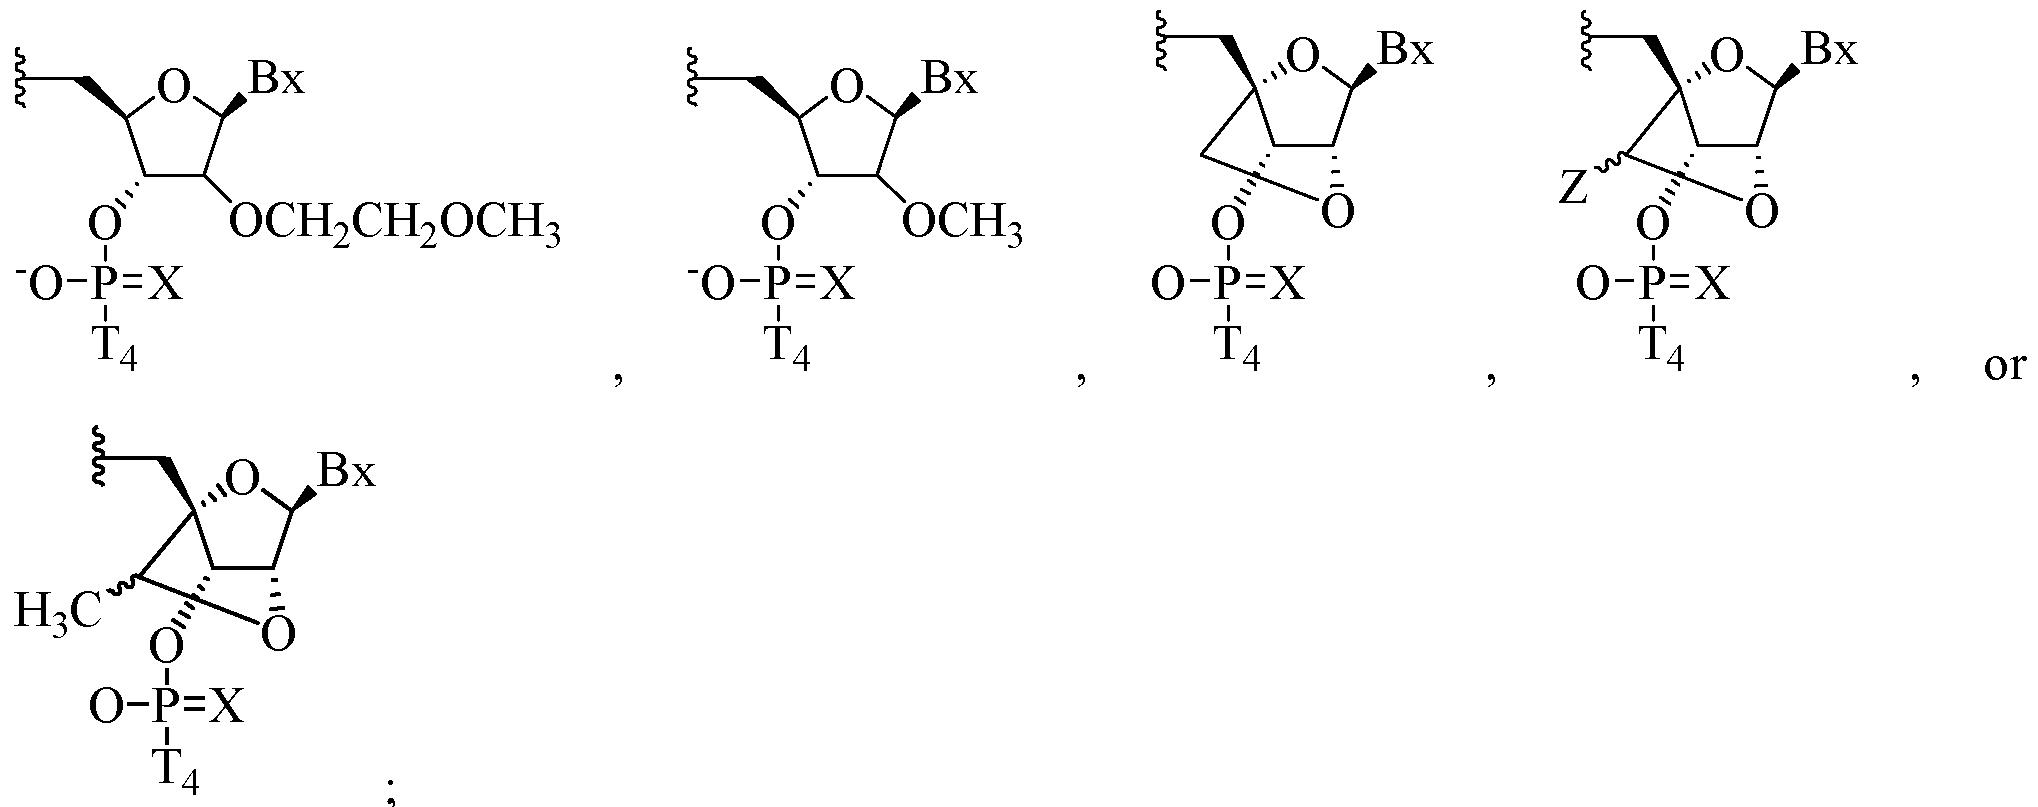 Figure imgf000295_0002